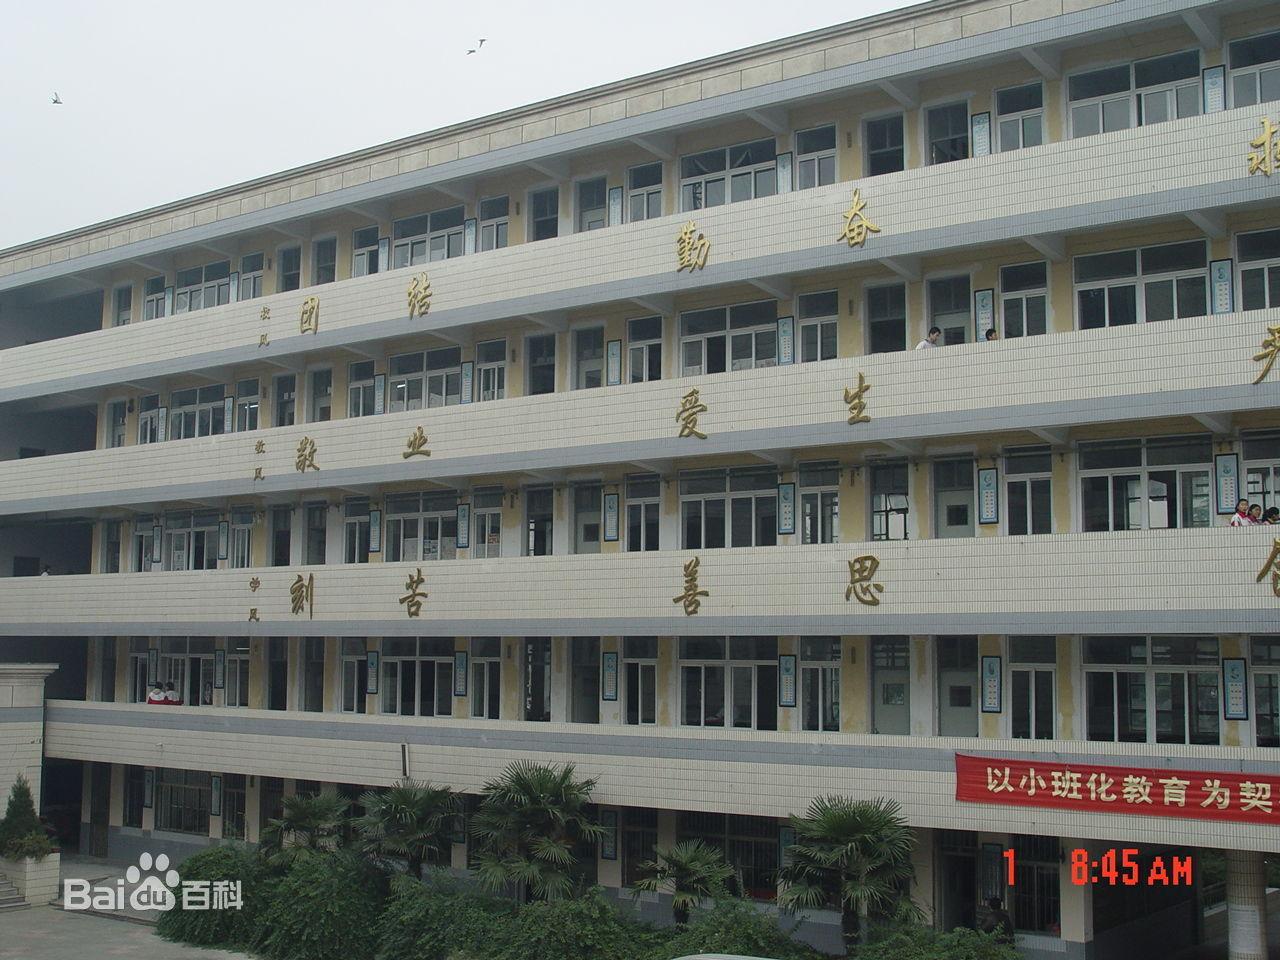 南京市南湖第一中学